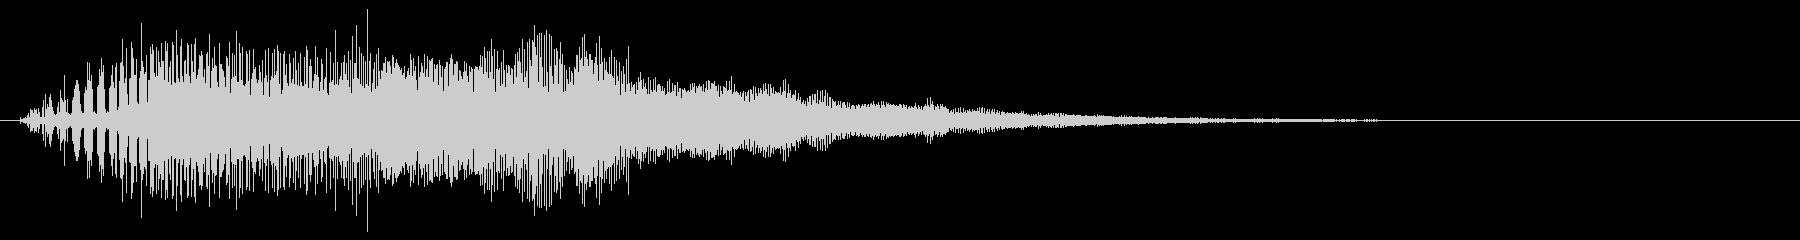 ライトセーバー レーザーブレード 上昇形の未再生の波形